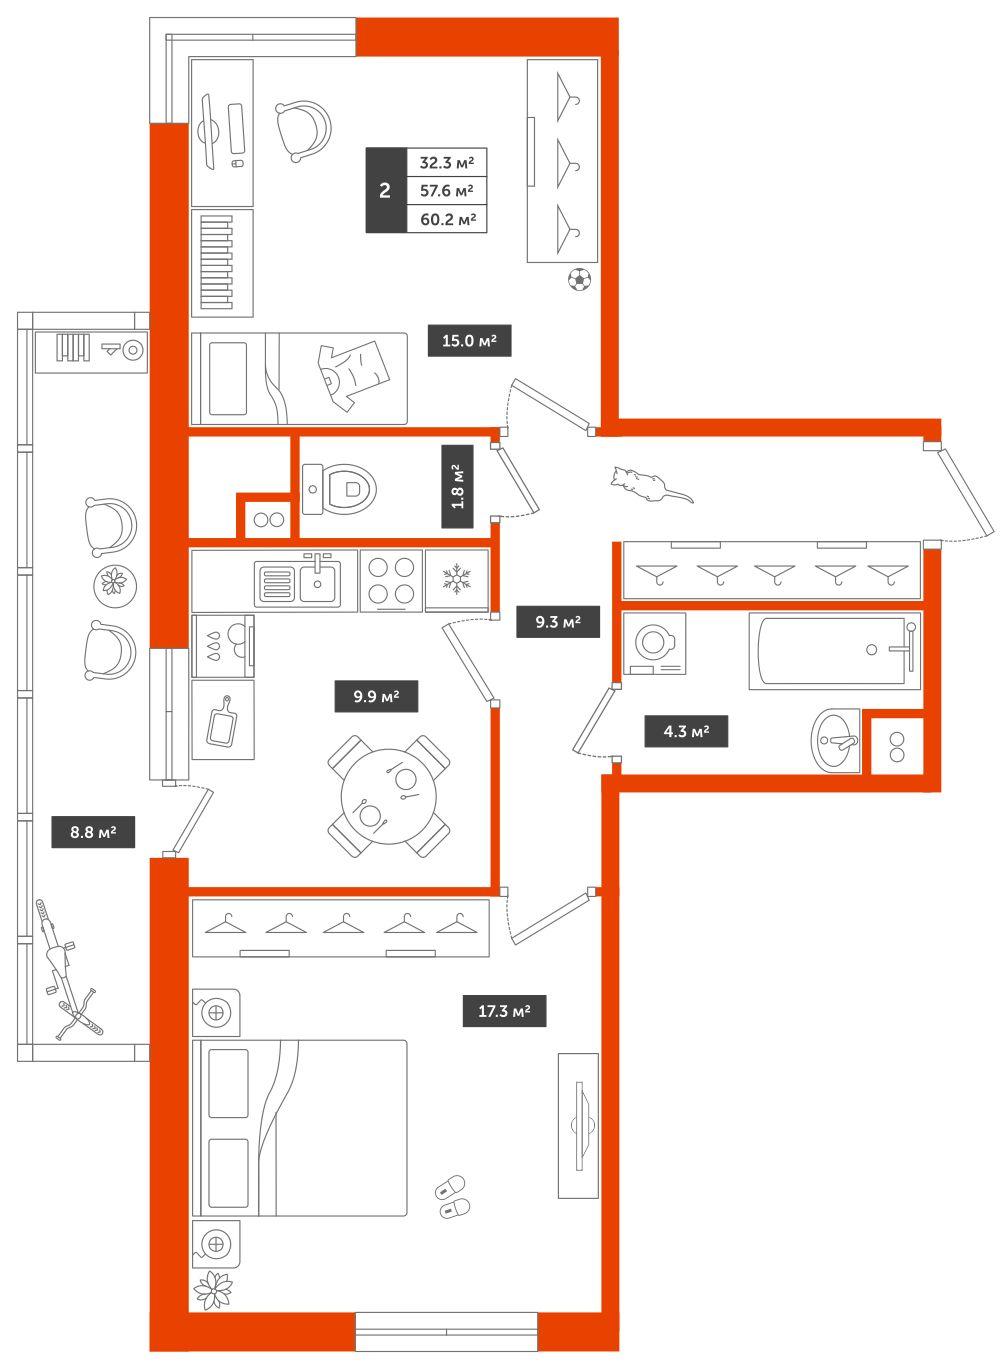 2-комнатная квартира, 60.2м² за 5,8 млн руб.